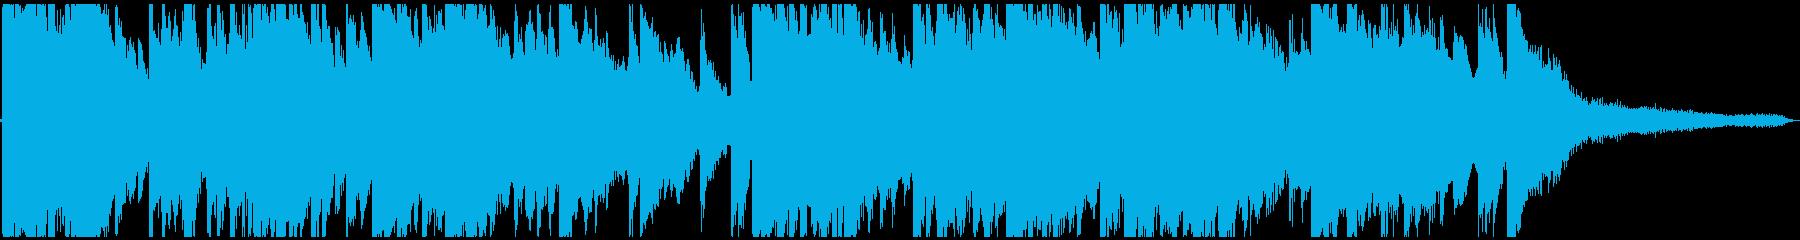 ピアノとガットギターによる切ないバラードの再生済みの波形